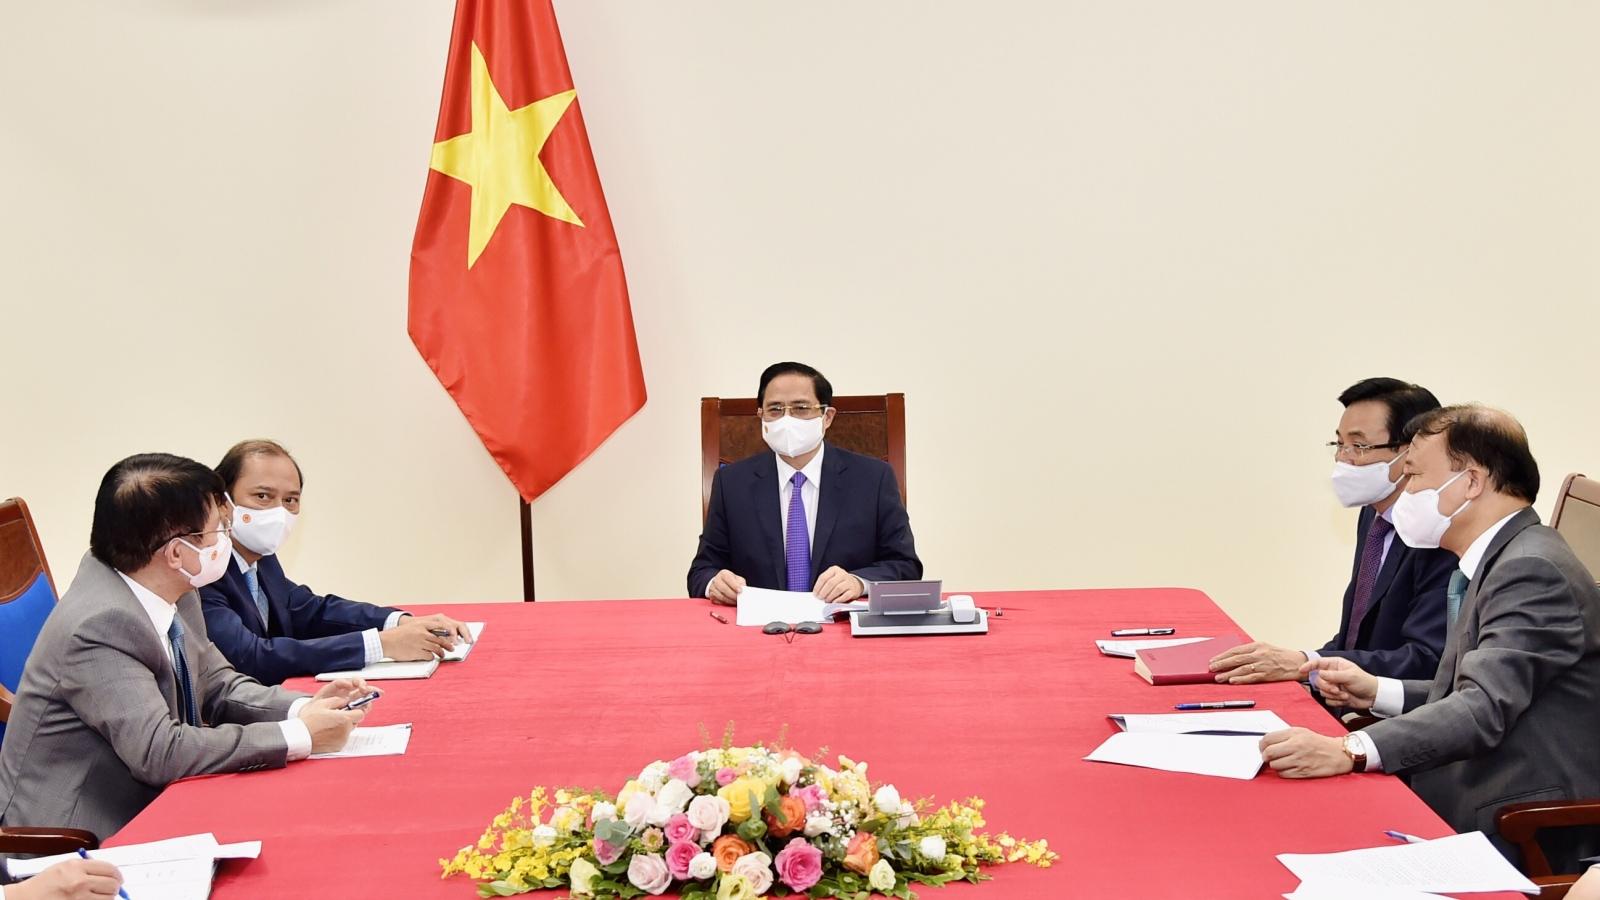 Thủ tướng Chính phủ điện đàm với Thủ tướng Canada